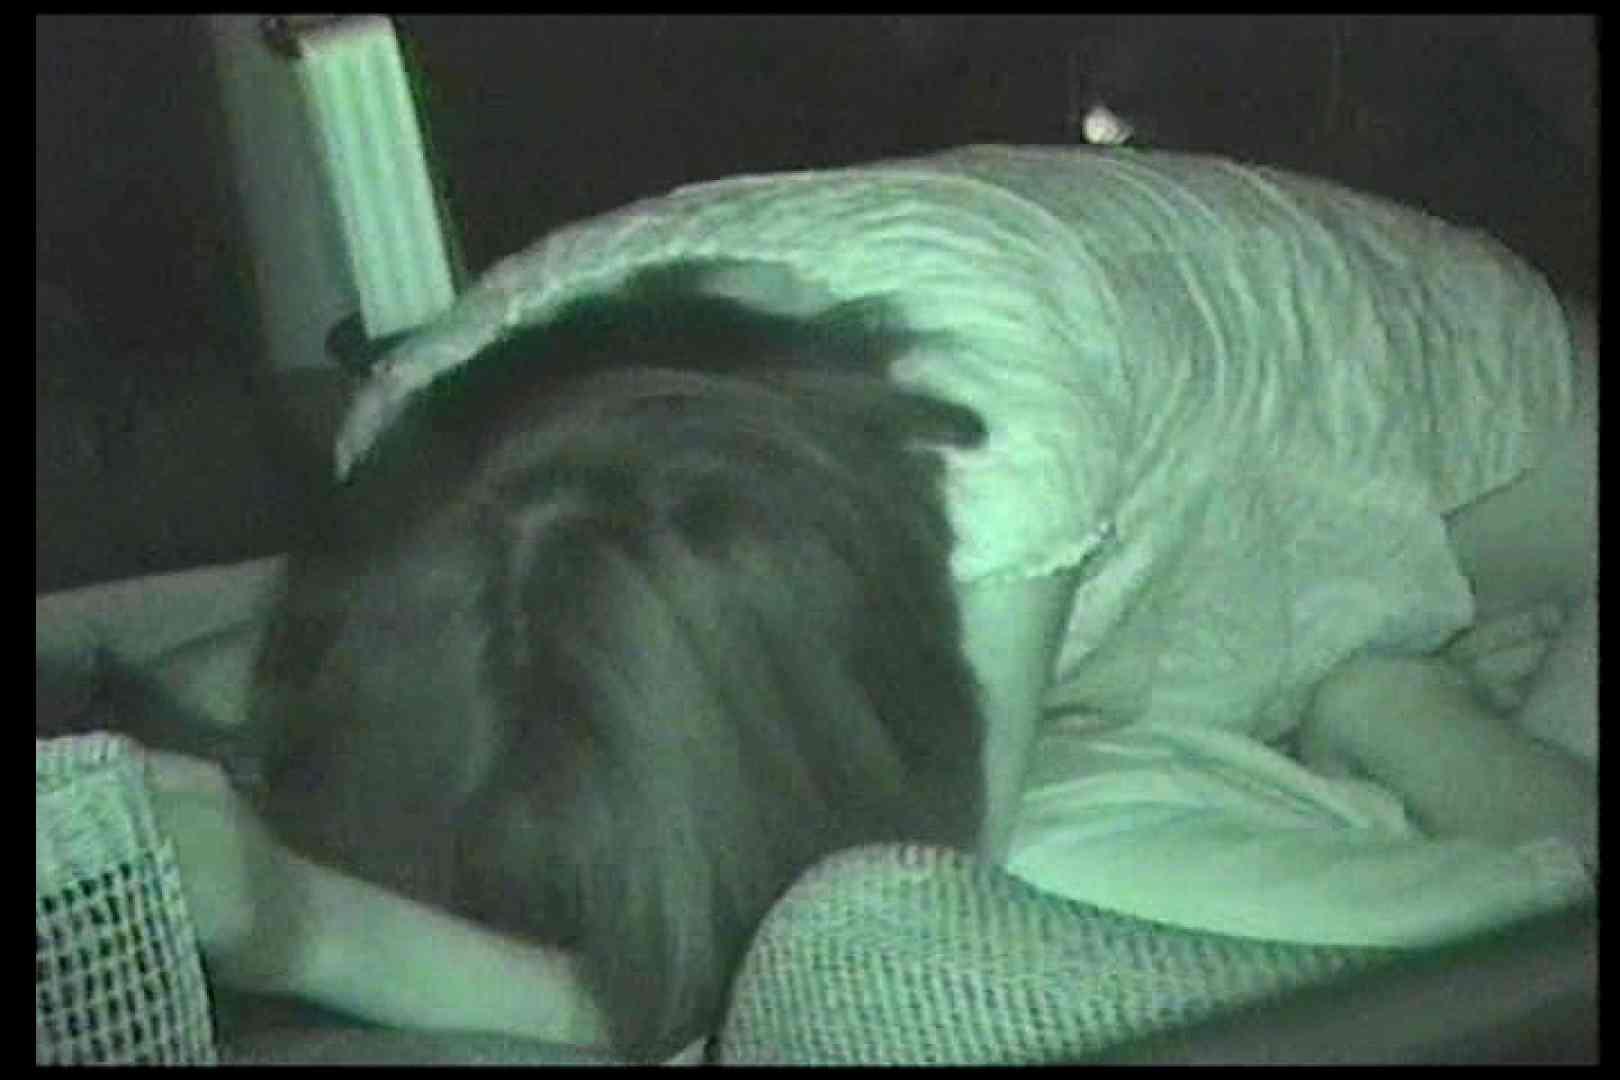 カーセックス未編集・無修正版 Vol.6後編 エッチなセックス ワレメ無修正動画無料 87画像 15